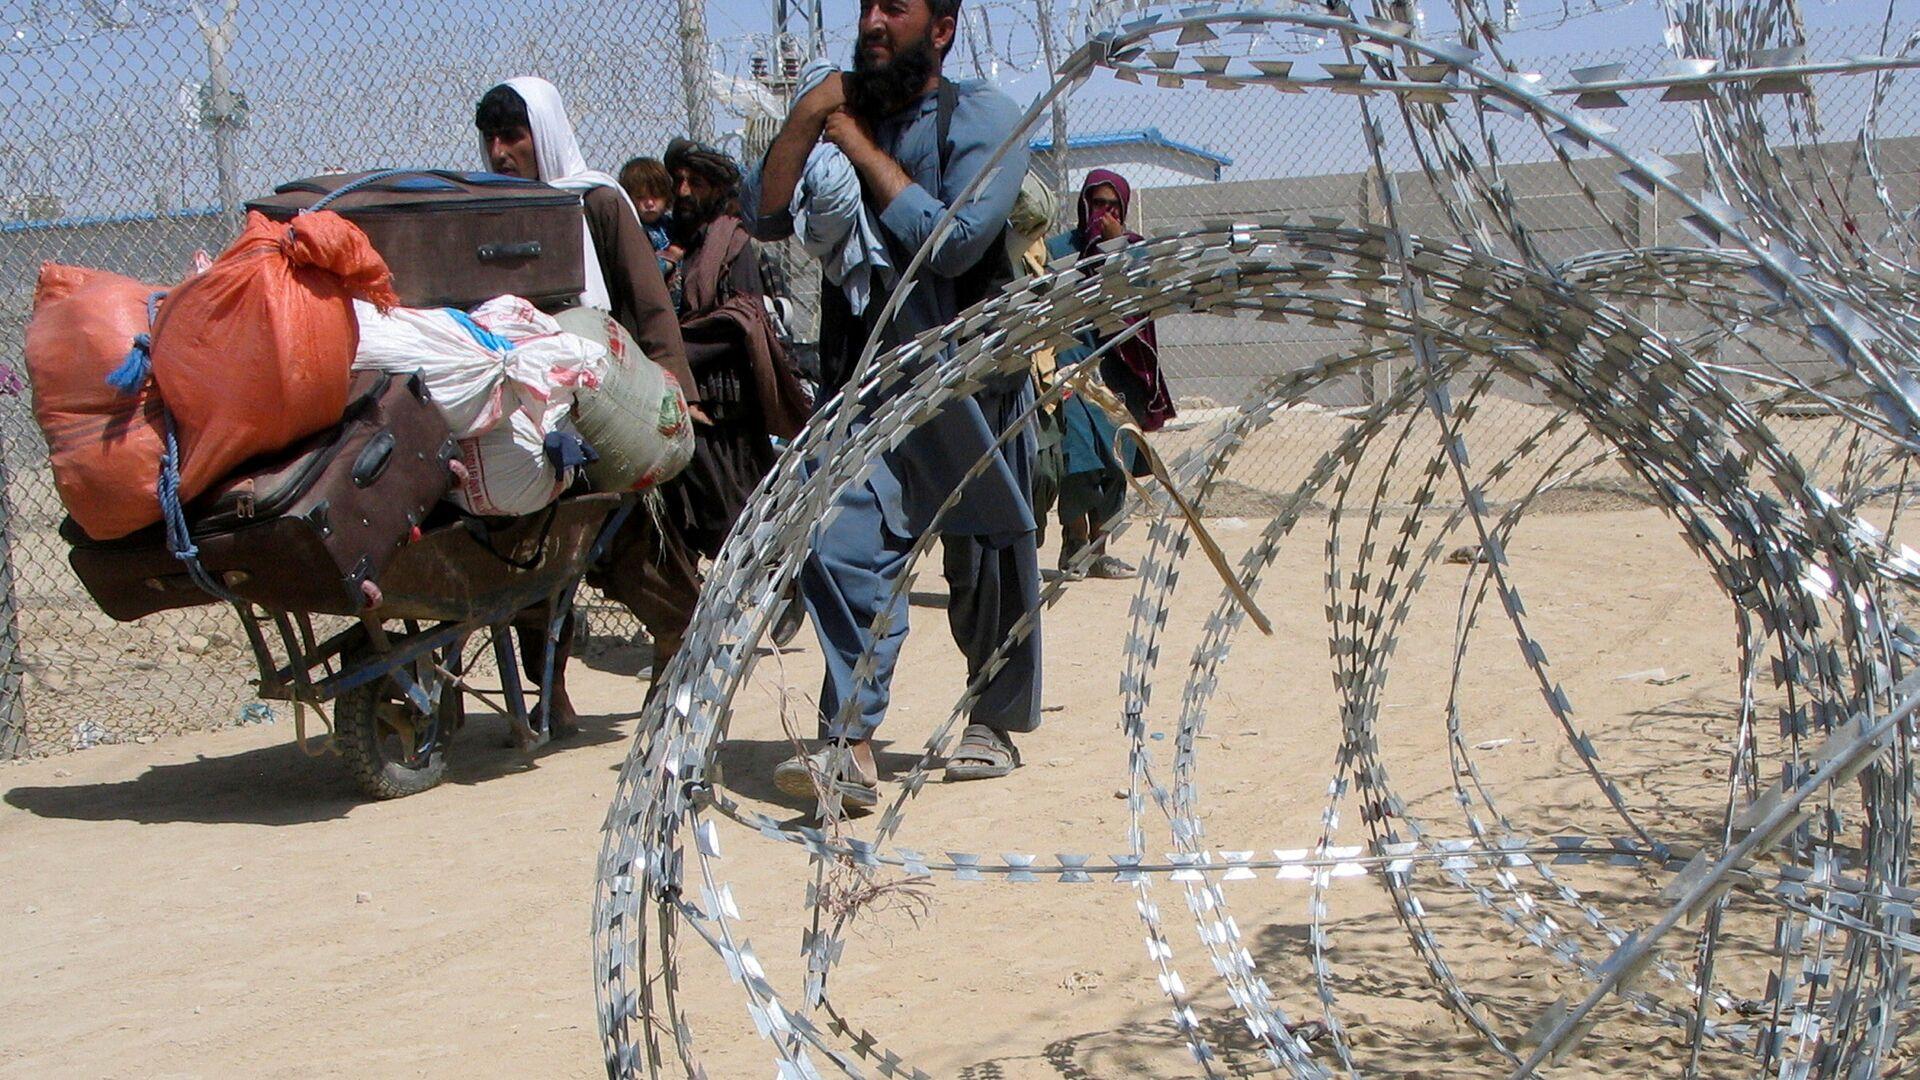 Семья, прибывающая из Афганистана, проходит через контрольно-пропускной пункт Ворота дружбы в пакистано-афганском пограничном городе Чаман, Пакистан - Sputnik Узбекистан, 1920, 06.09.2021